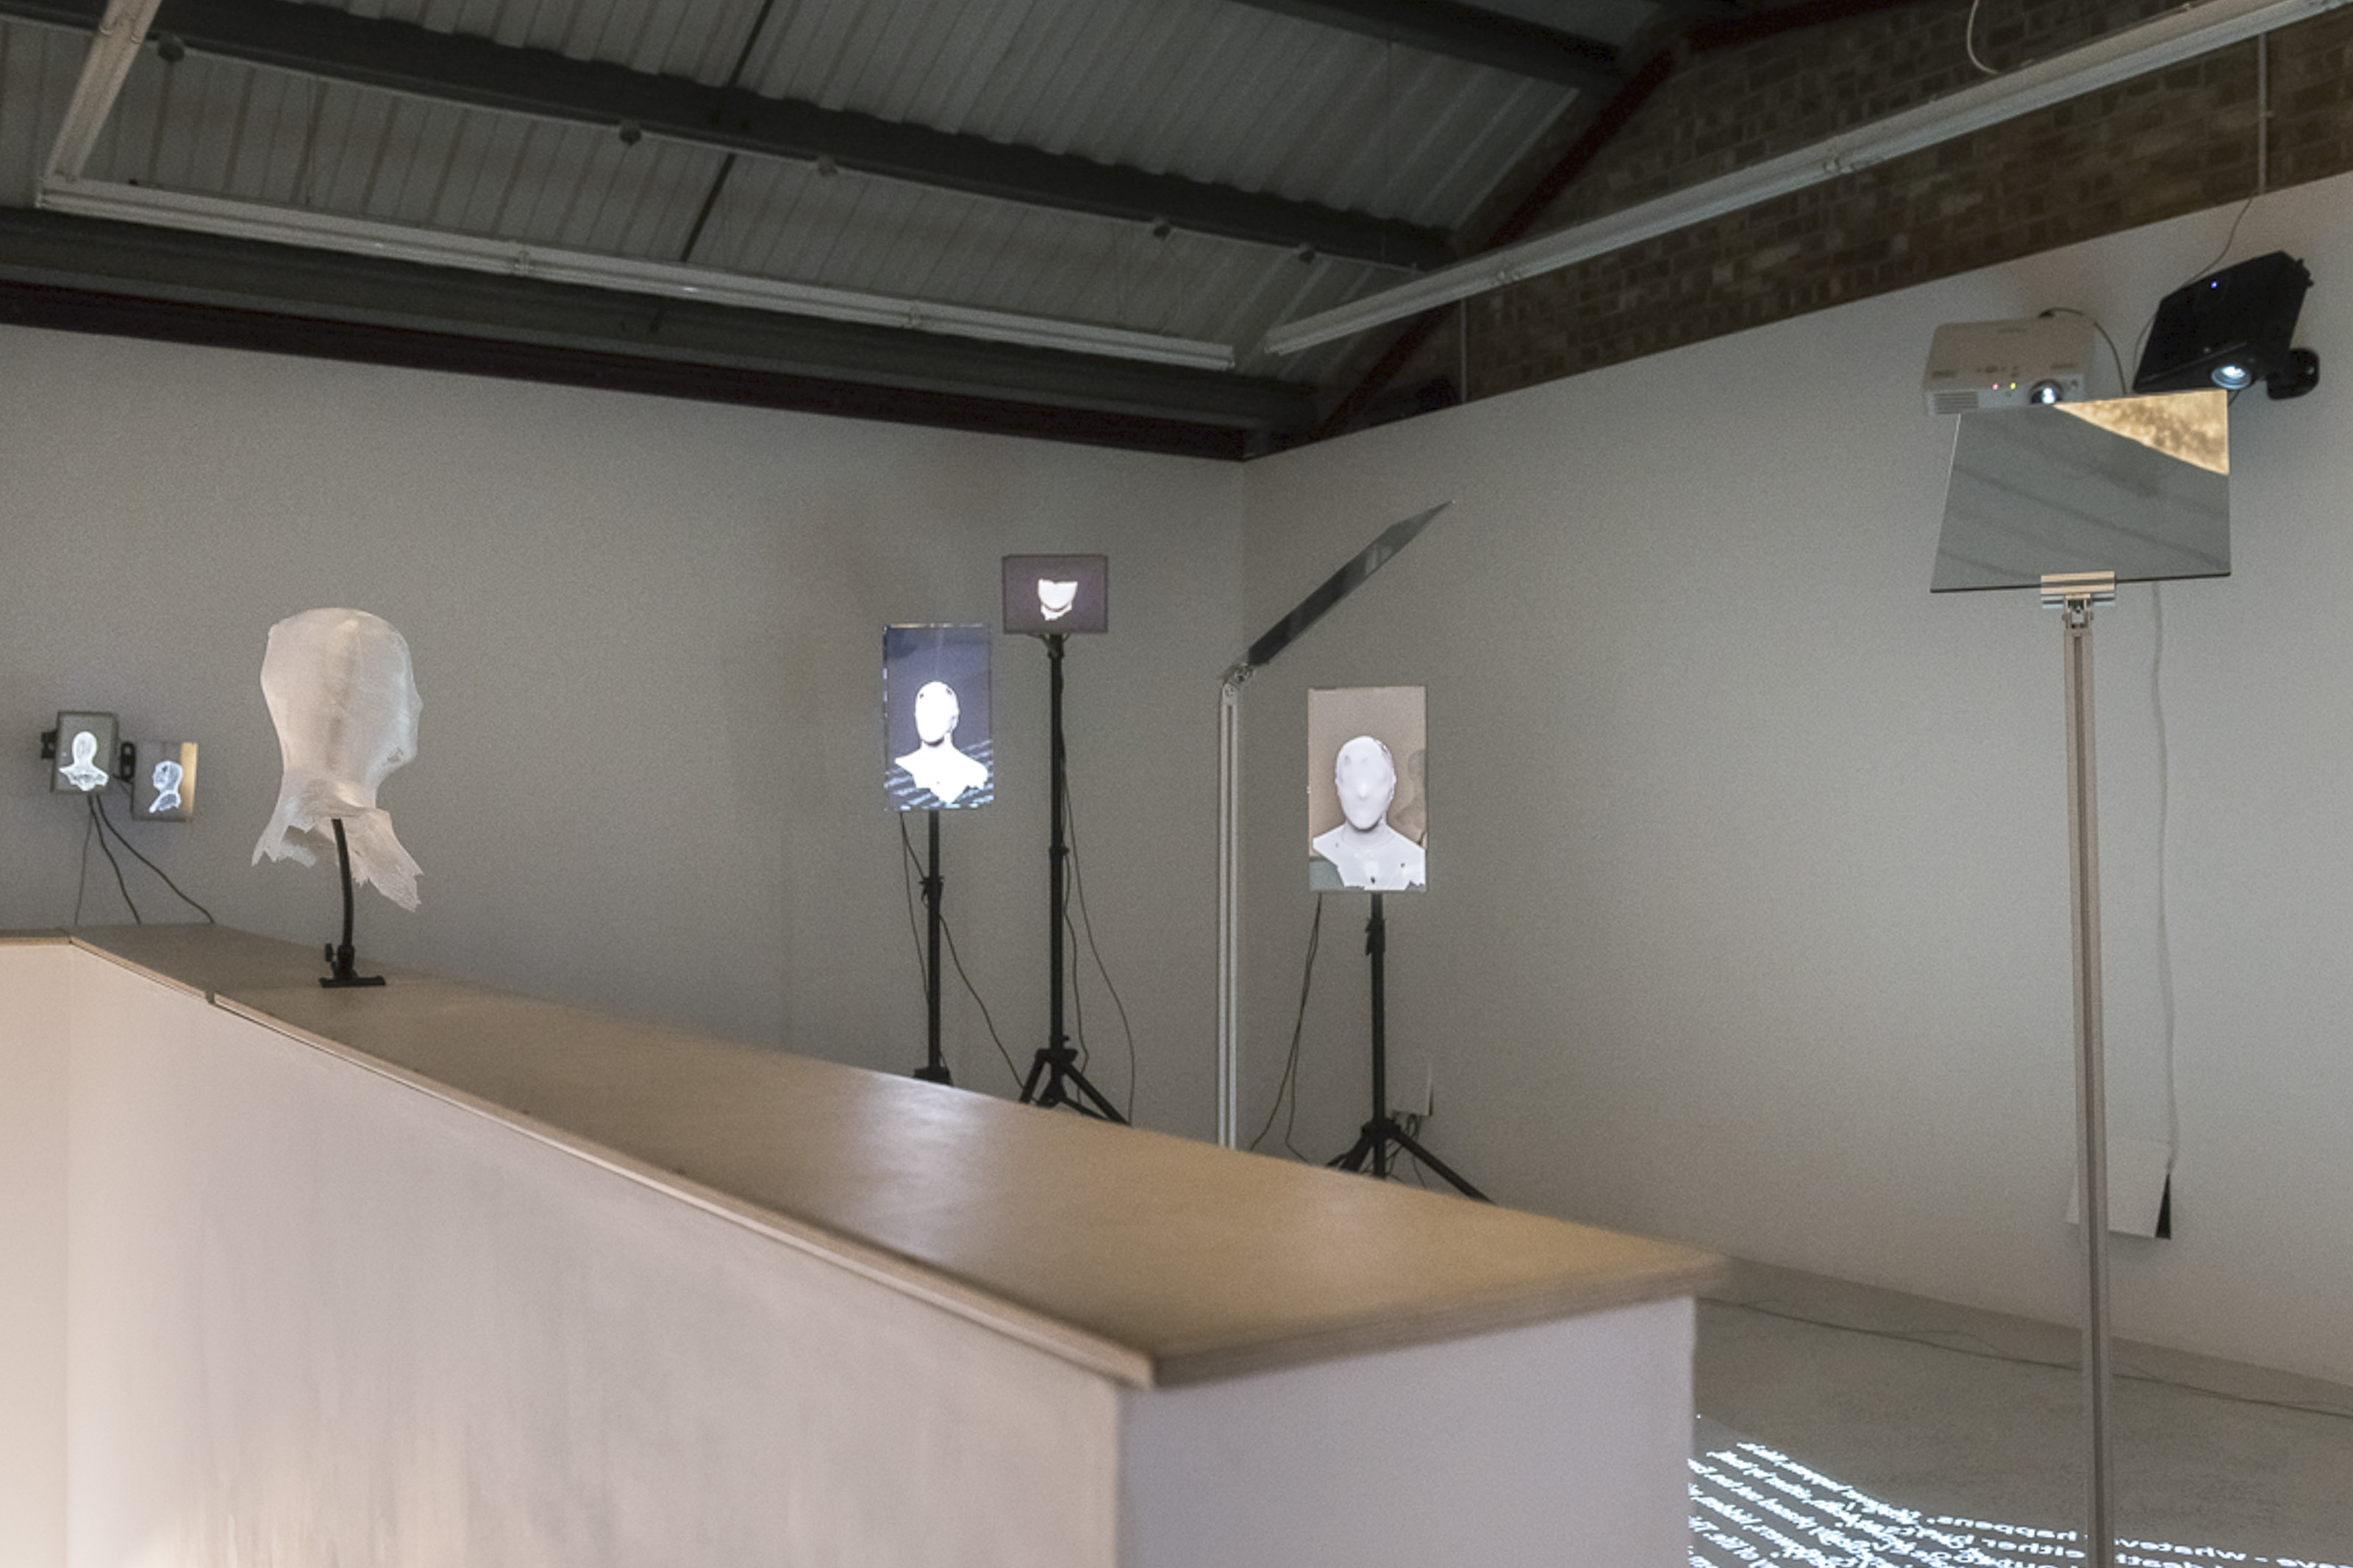 """Installation view of """"Cacotopia 03: Johanna Flato"""" at Annka Kultys Gallery, London, 2019 (photo courtesy of Annka Kultys Gallery)"""